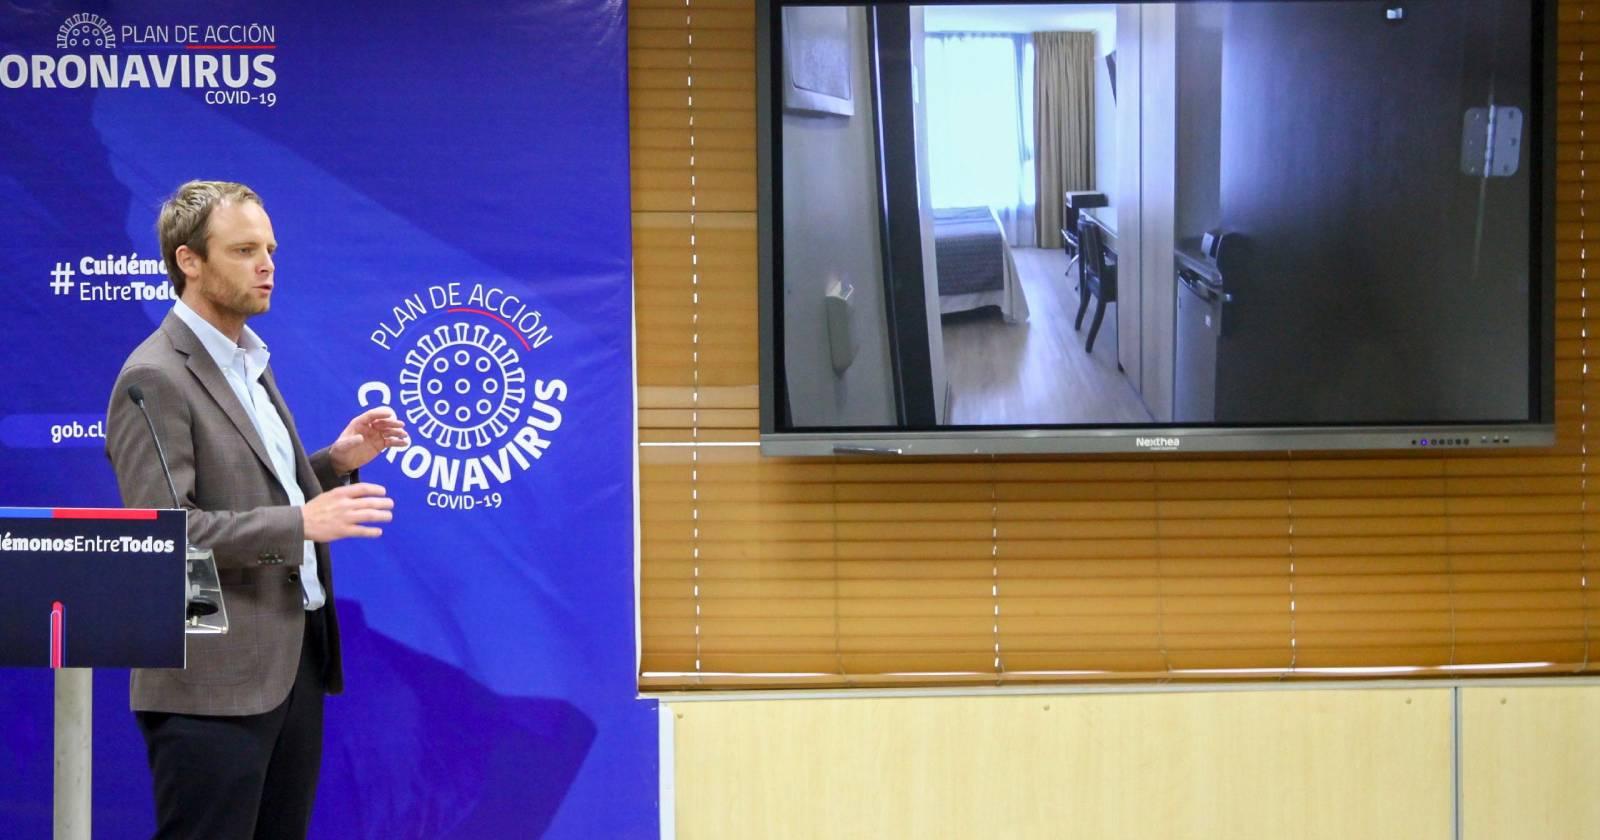 Minsal presentó residencias sanitarias para cuarentenas por coronavirus